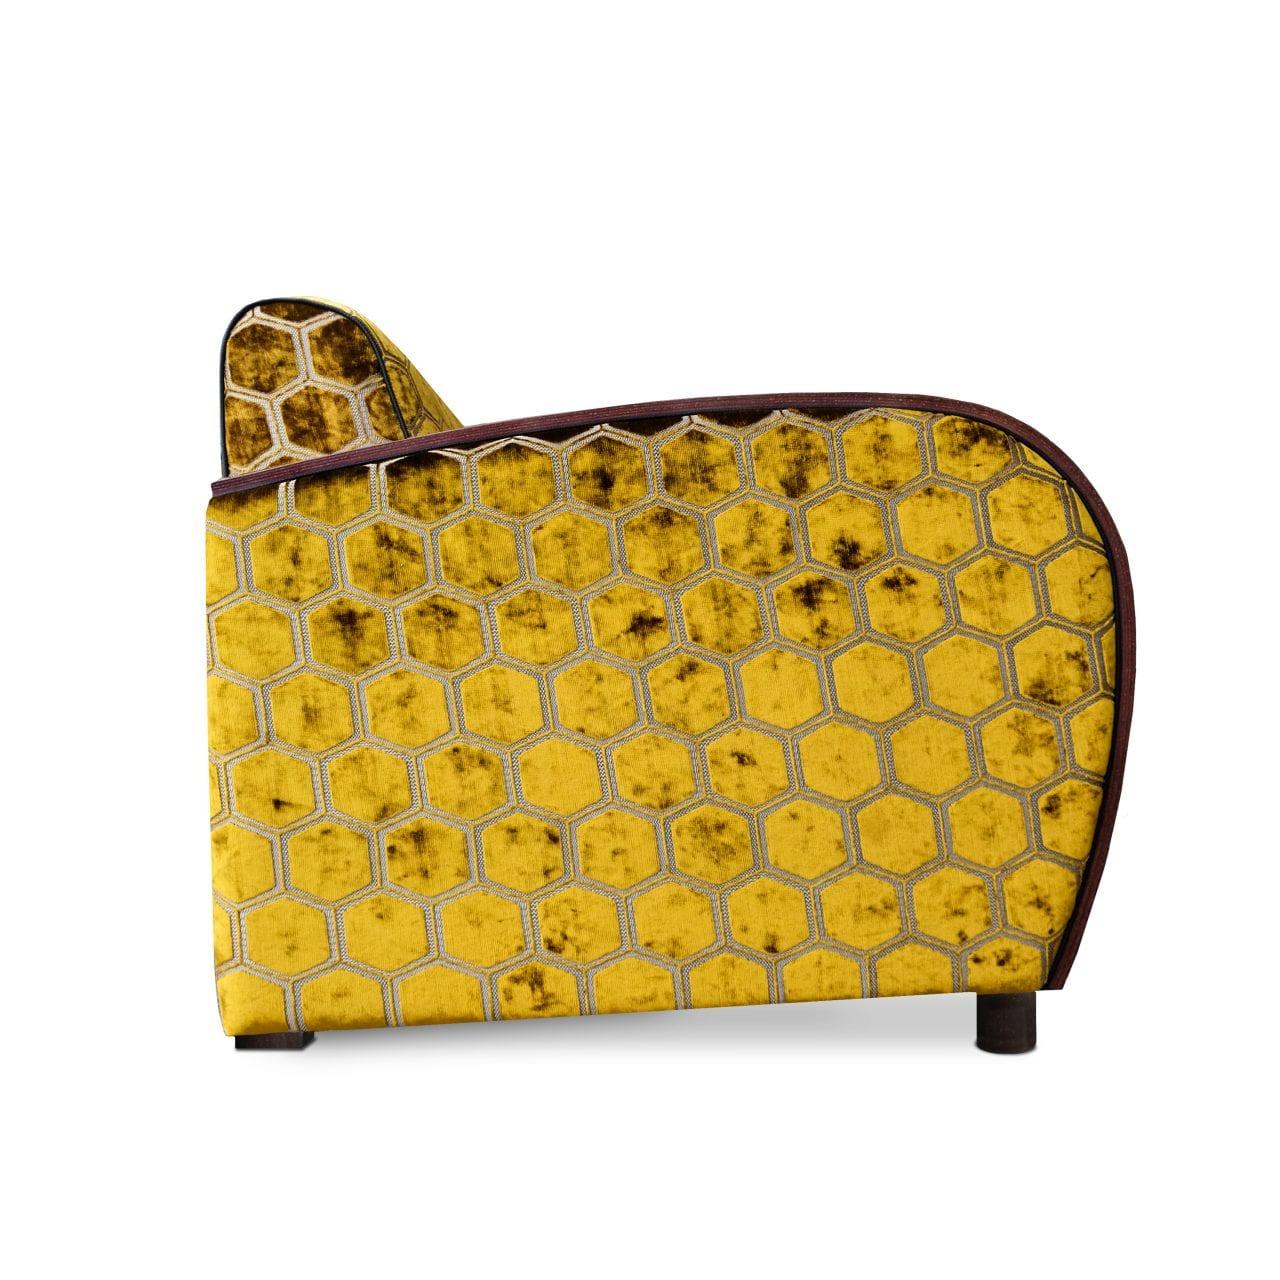 Art Deco Fauteuils. De rooker 02 fauteuil met de stof Manipur ochre van Designers Guild